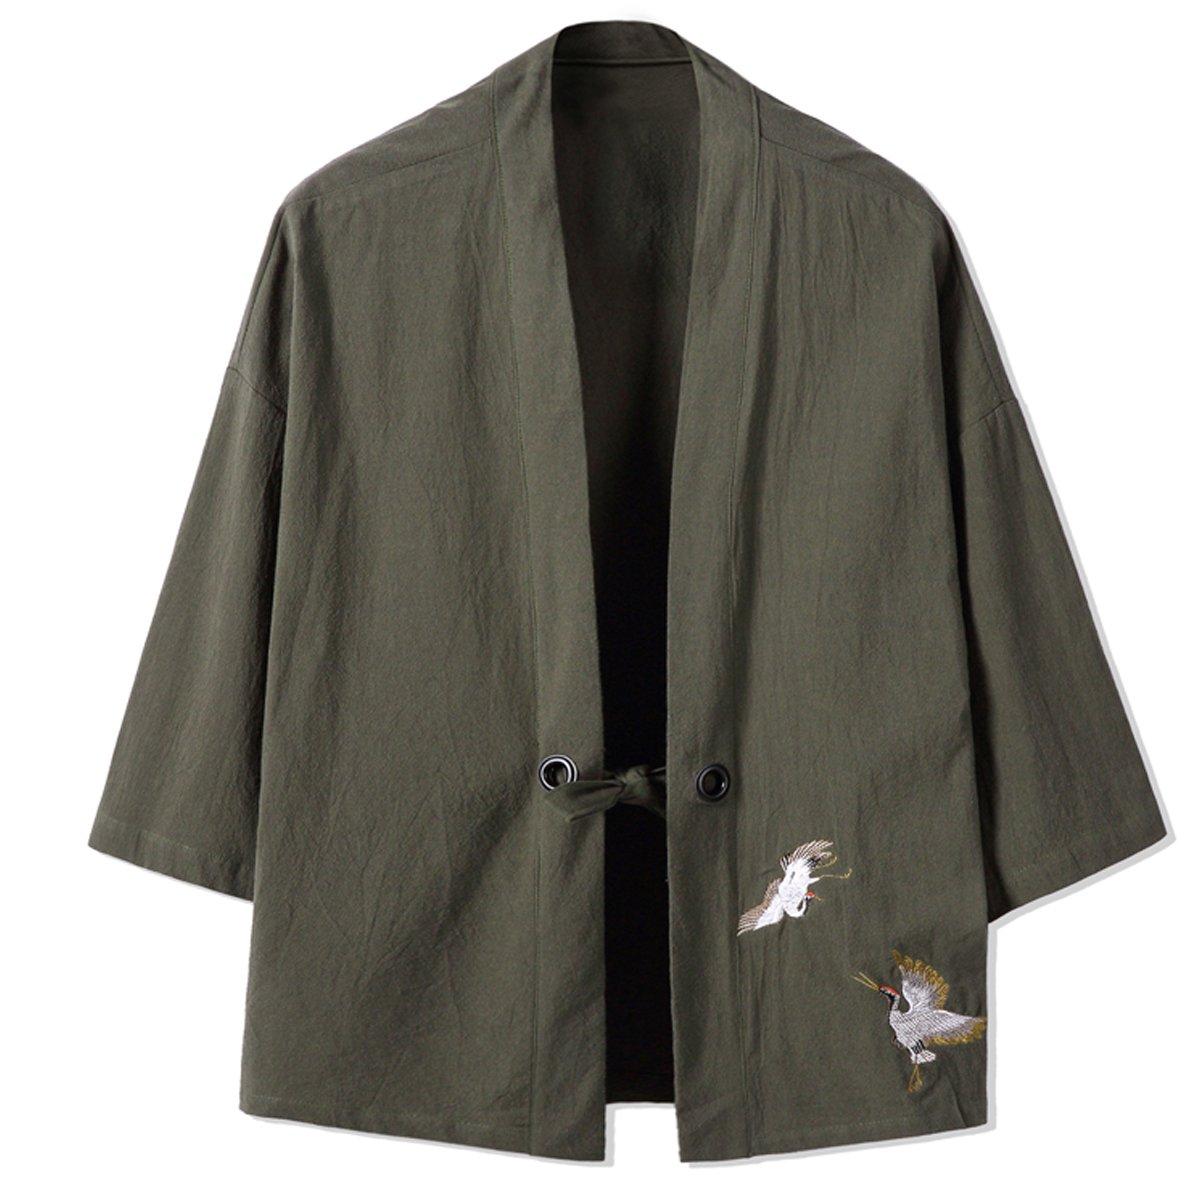 Mirecoo Fashion Mens Cotton Linen Blends Vintage Cloak Open Front Short Coat One Button Jacket